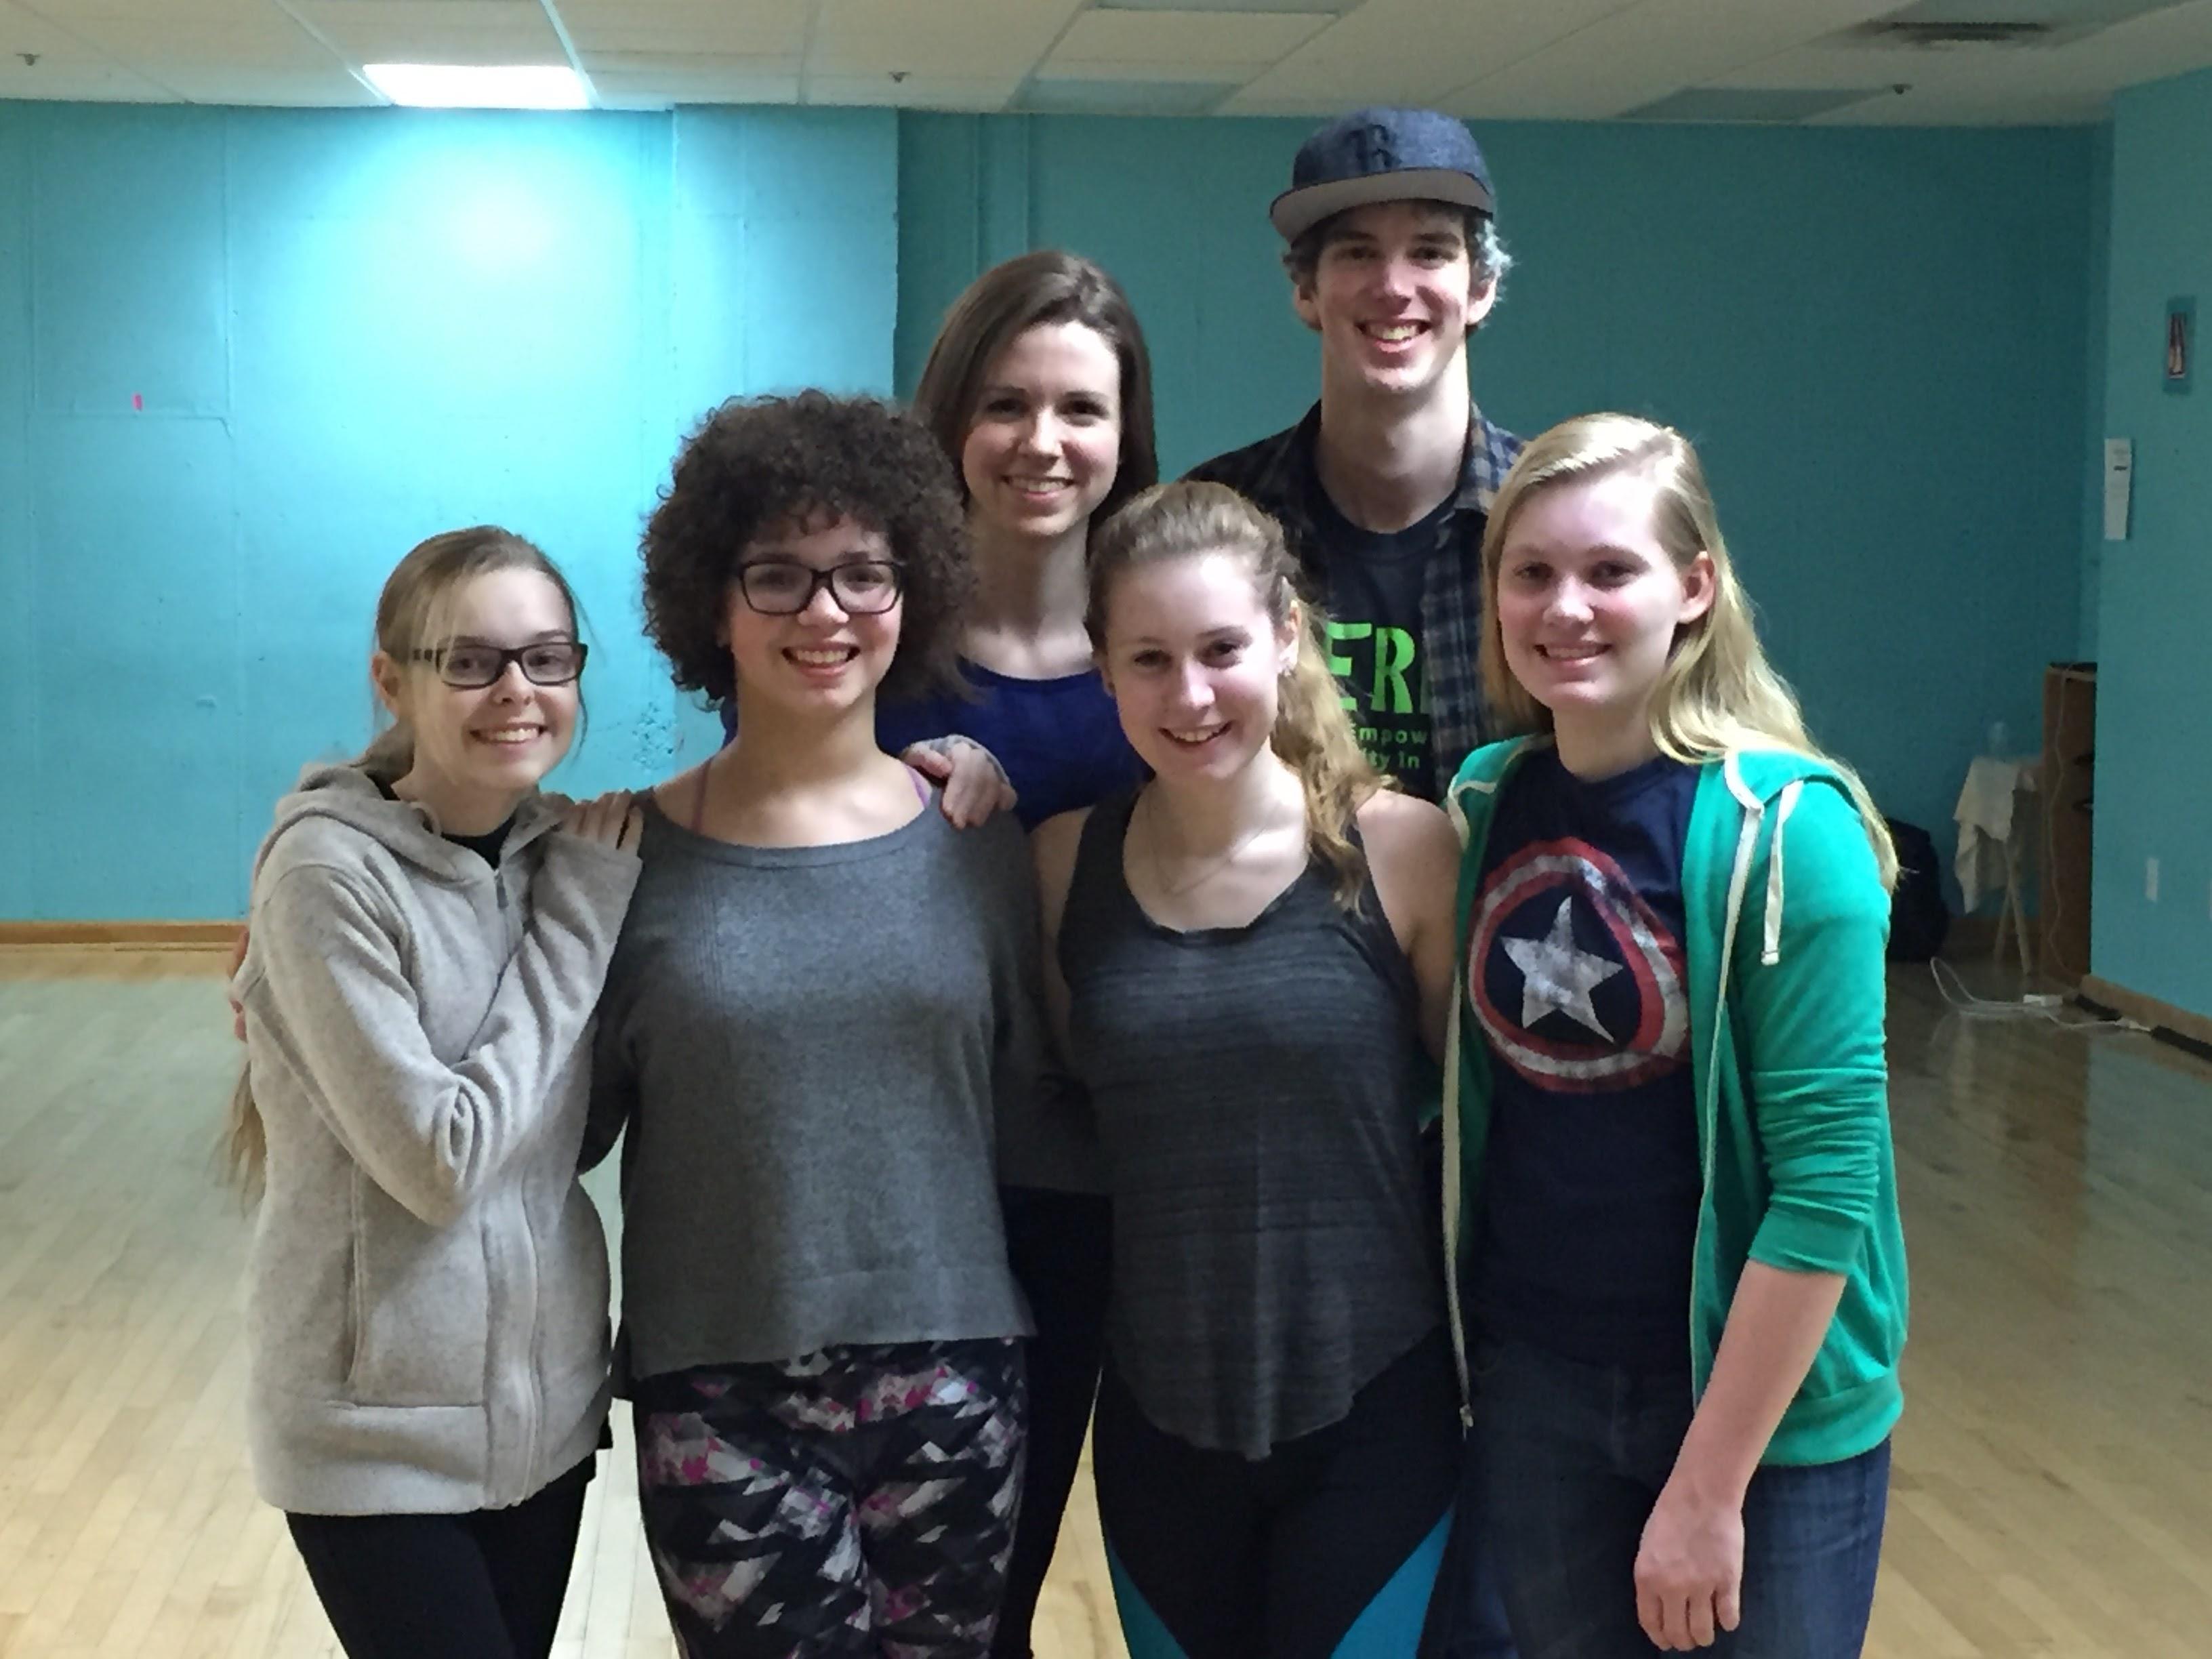 Teen Dance Classes